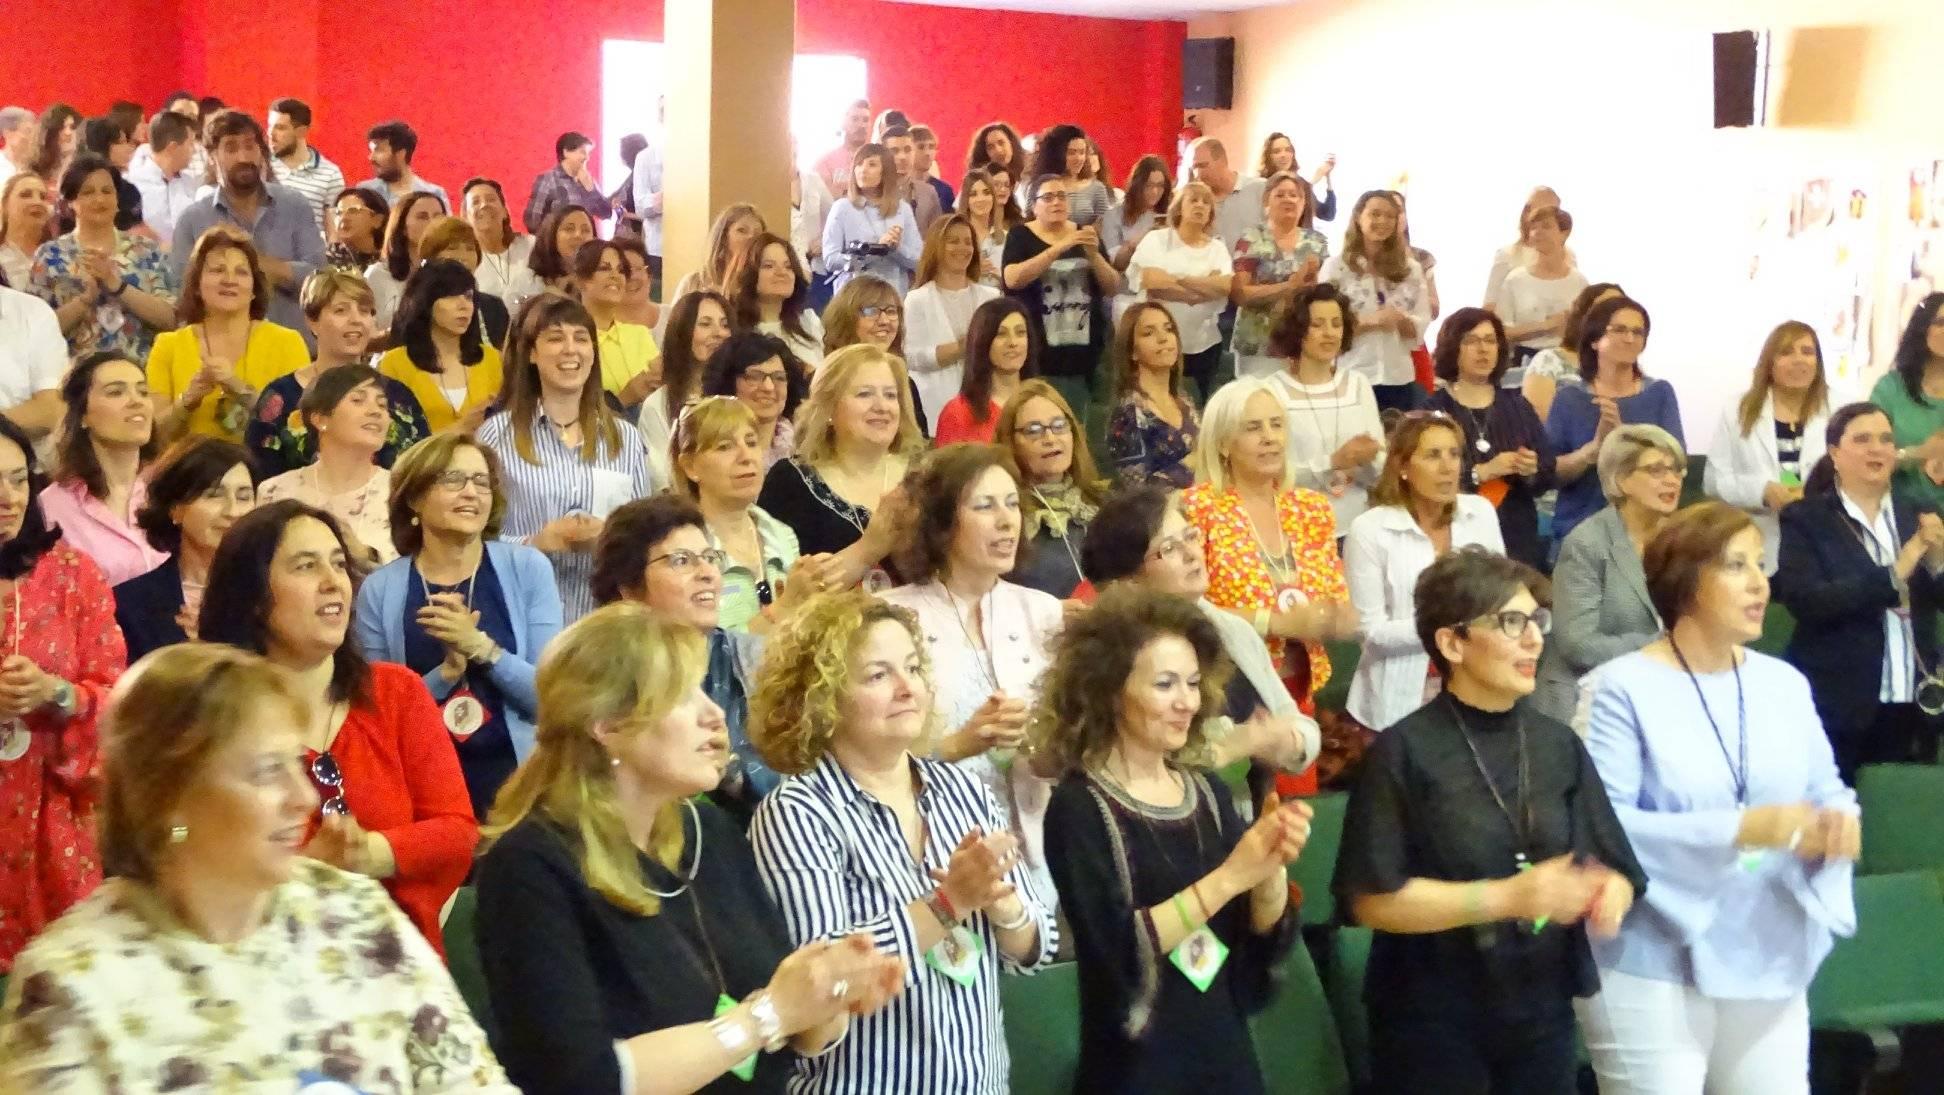 encuentro de antiguos alumnos colegio nuestra señora de la merced de Herencia 2018 - Fotografías y vídeos del encuentro de antiguos alumnos del colegio Nuestra Señora de la Merced